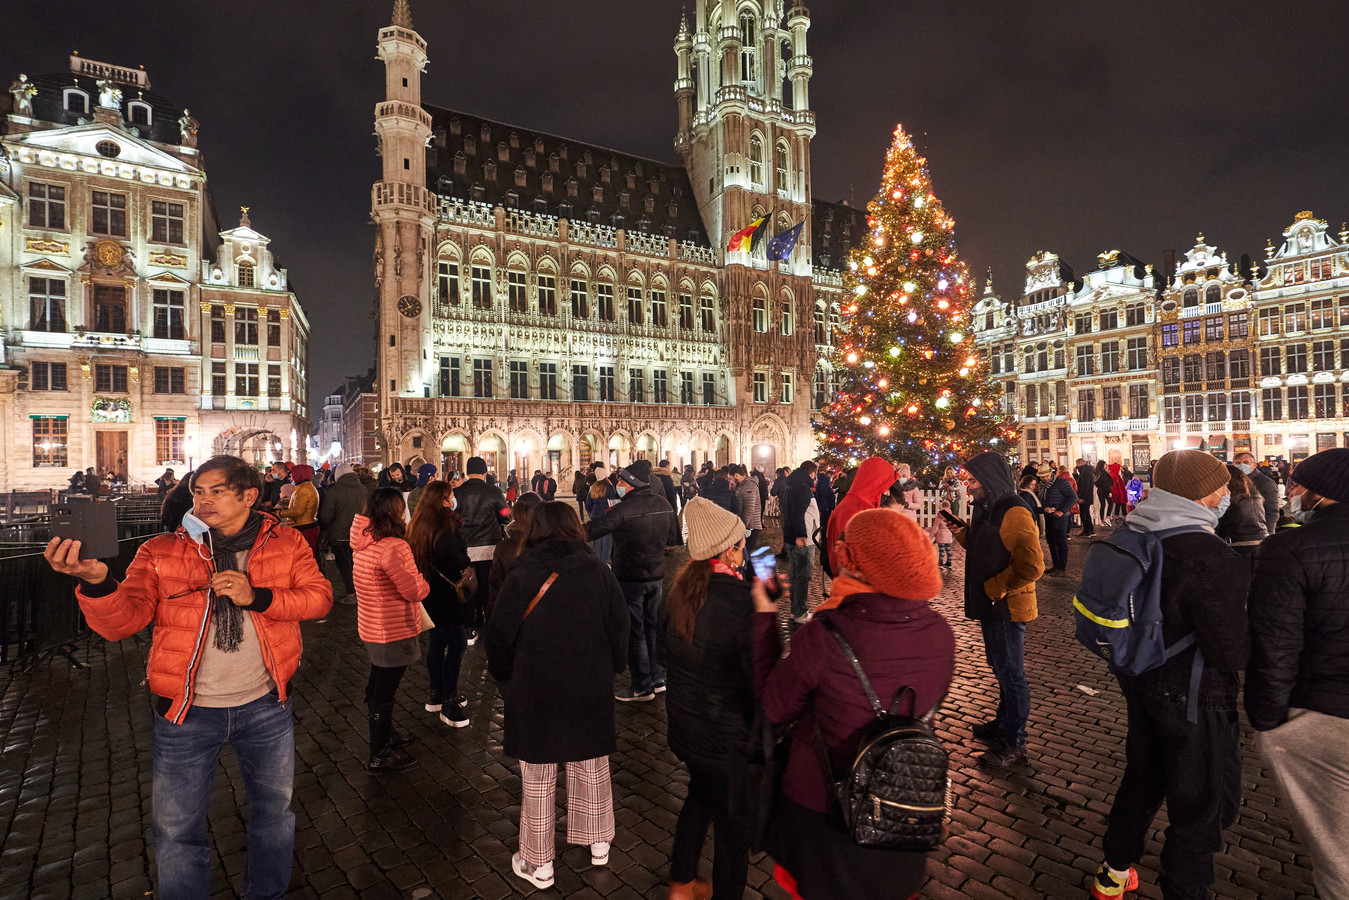 Bruxelles, ce week-end: les illuminations de Noël ont, comme à Bruges, attiré les foules